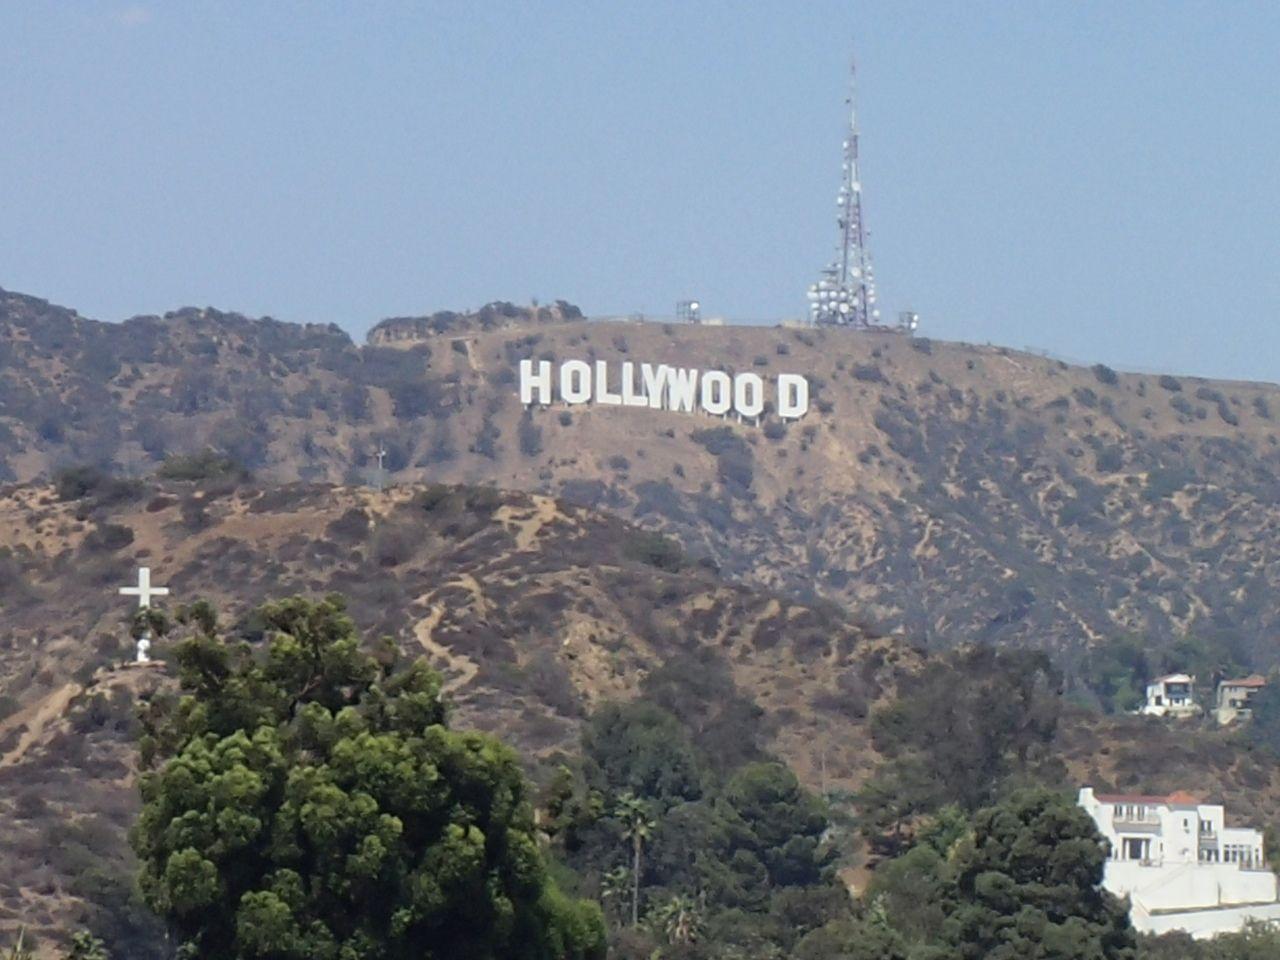 ロサンゼルス旅行のおすすめプランは?安くおさえるコツ・定番観光地をチェック